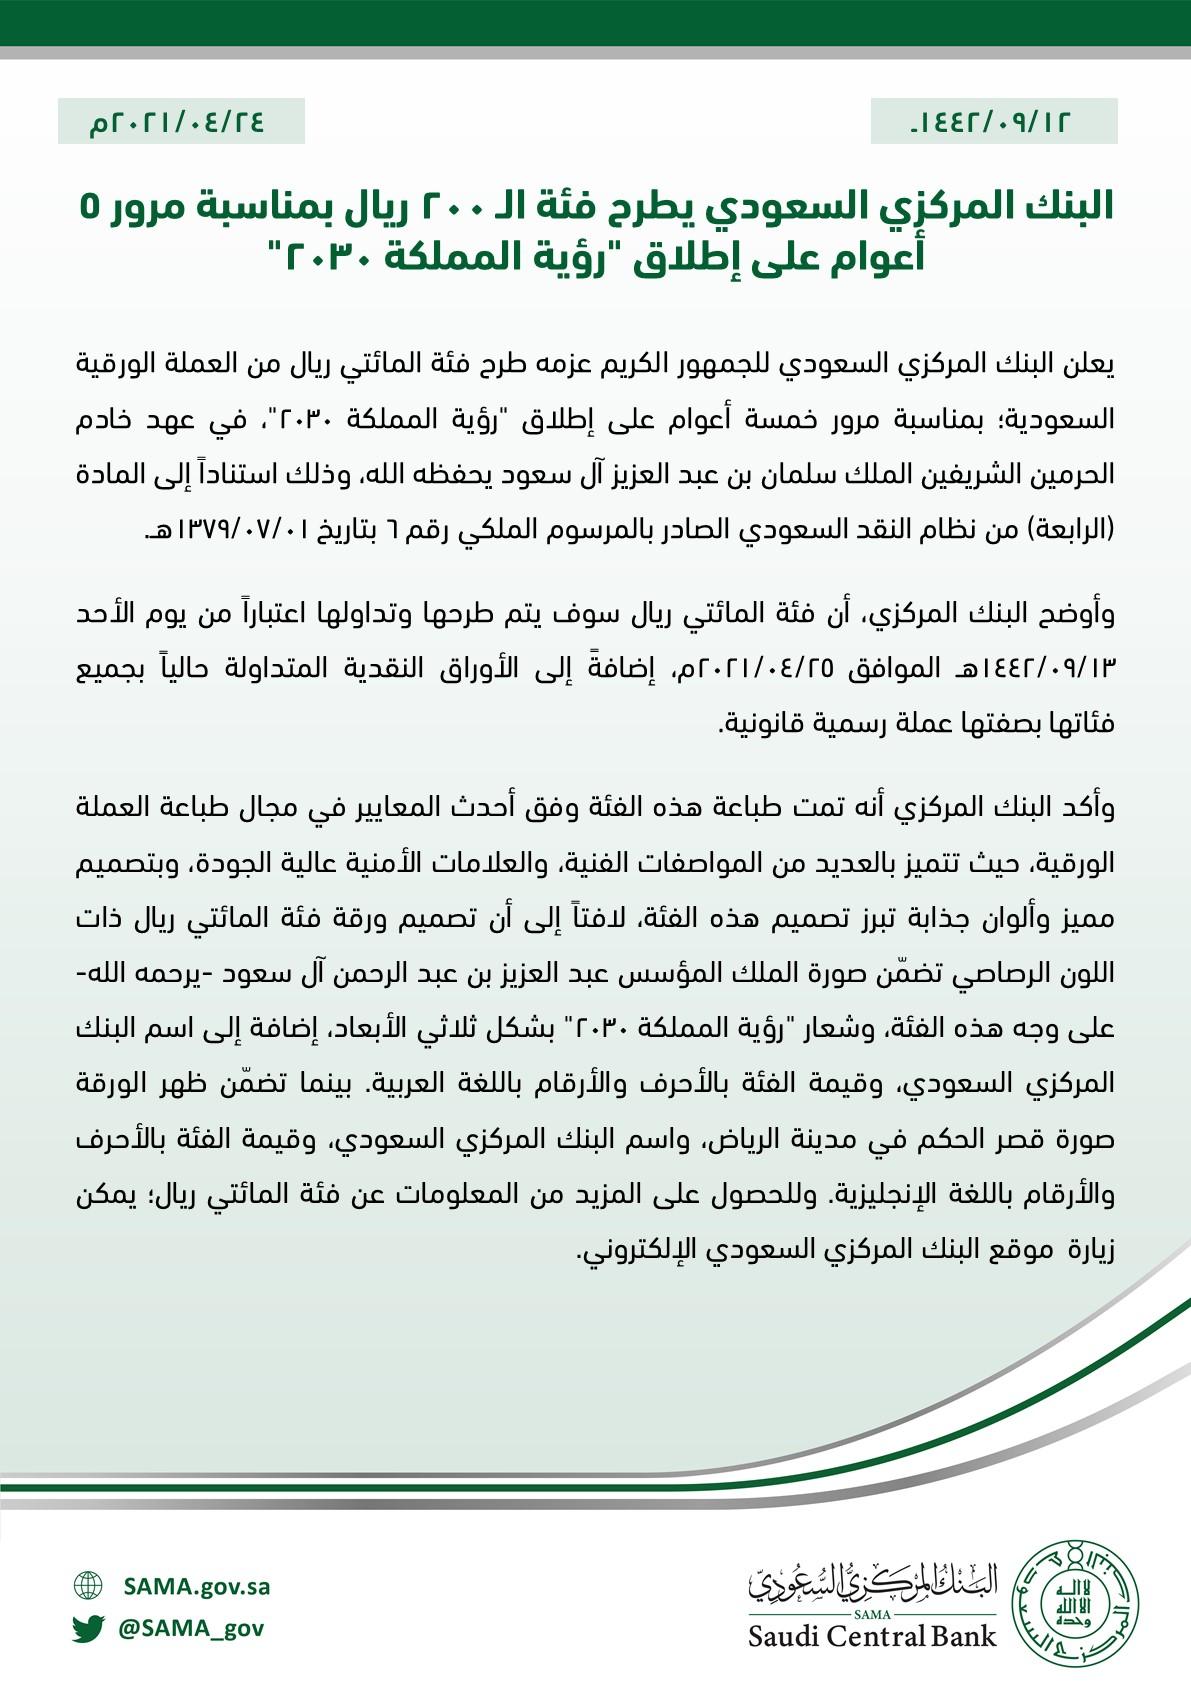 البنك السعودي المركزي Sama يطرح فئة المائتي ريال سعودي - ثقفني